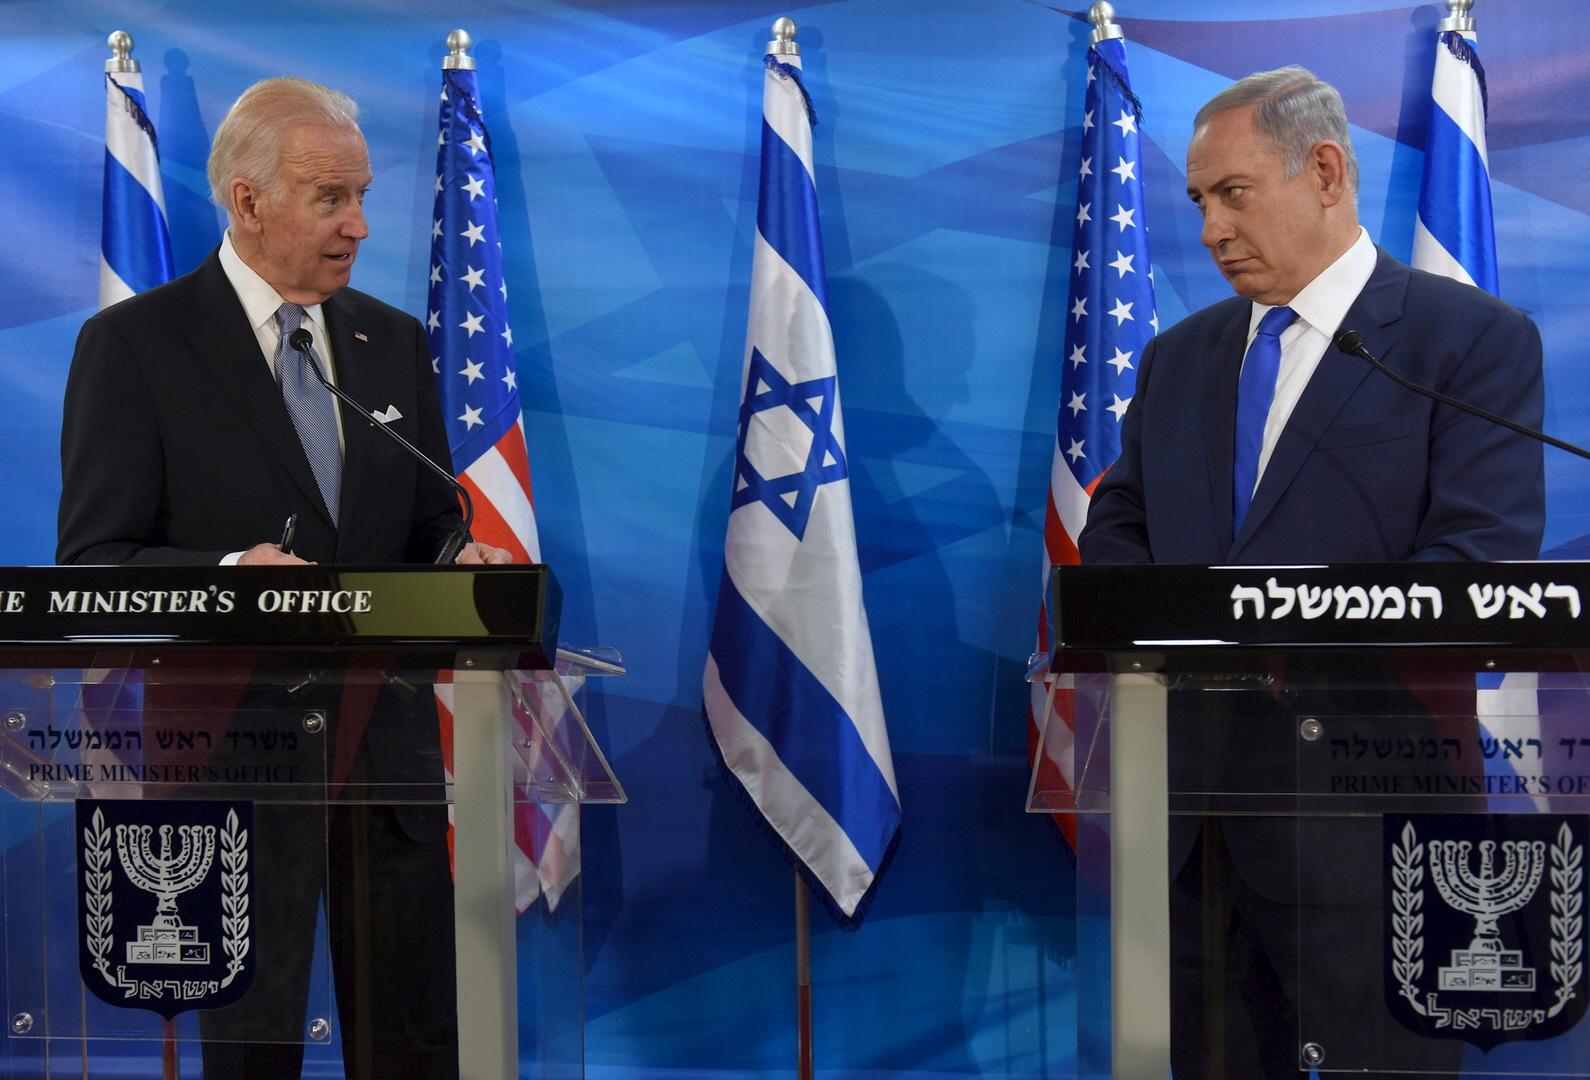 البيت الأبيض يوضح: بايدن لم يطلب من نتنياه وقف إطلاق النار مع الفلسطينيين